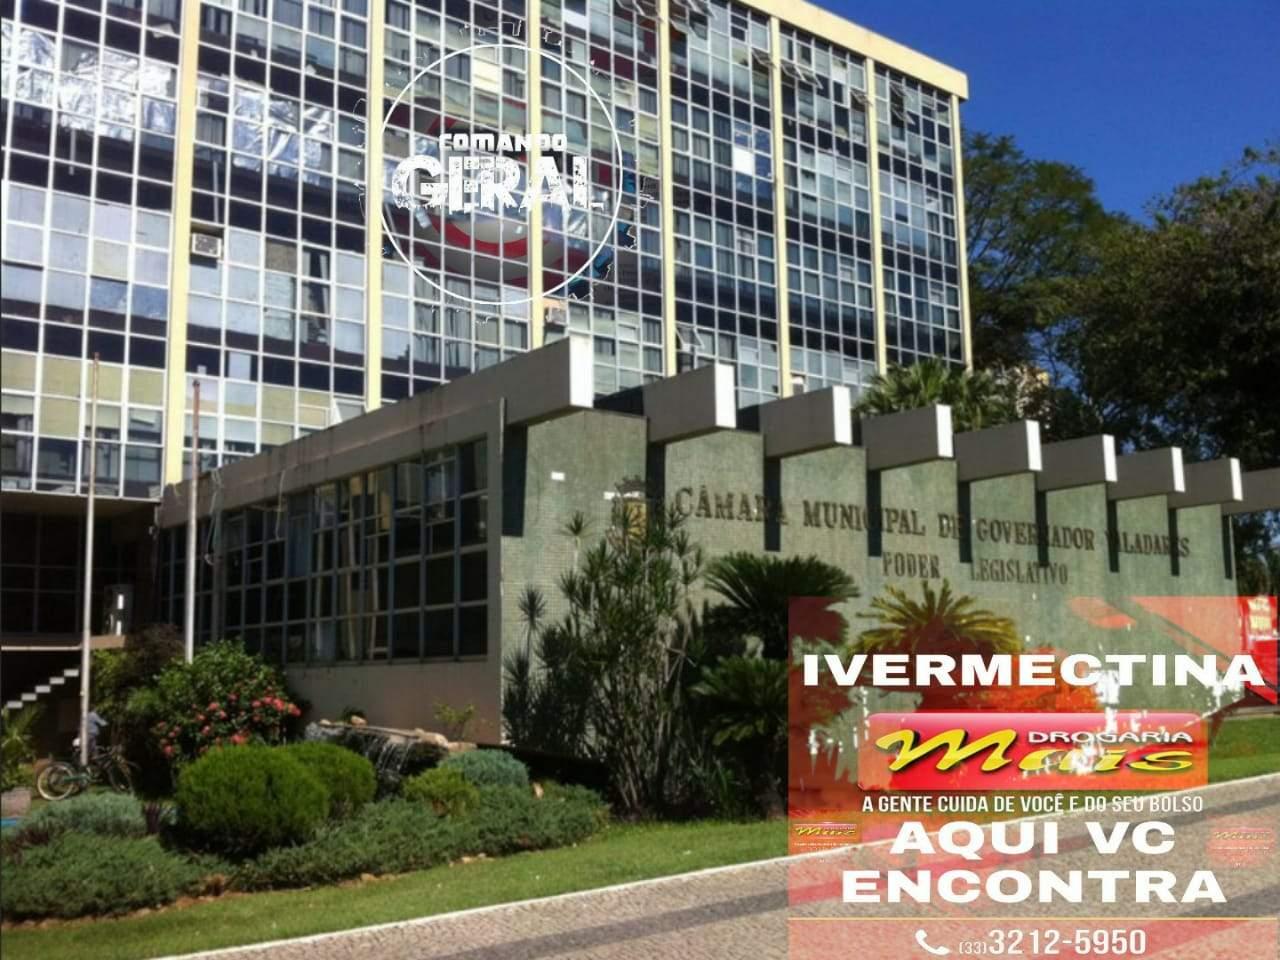 Valadares recebe R$ 7,7 milhões de recursos federais para combate à Covid-19